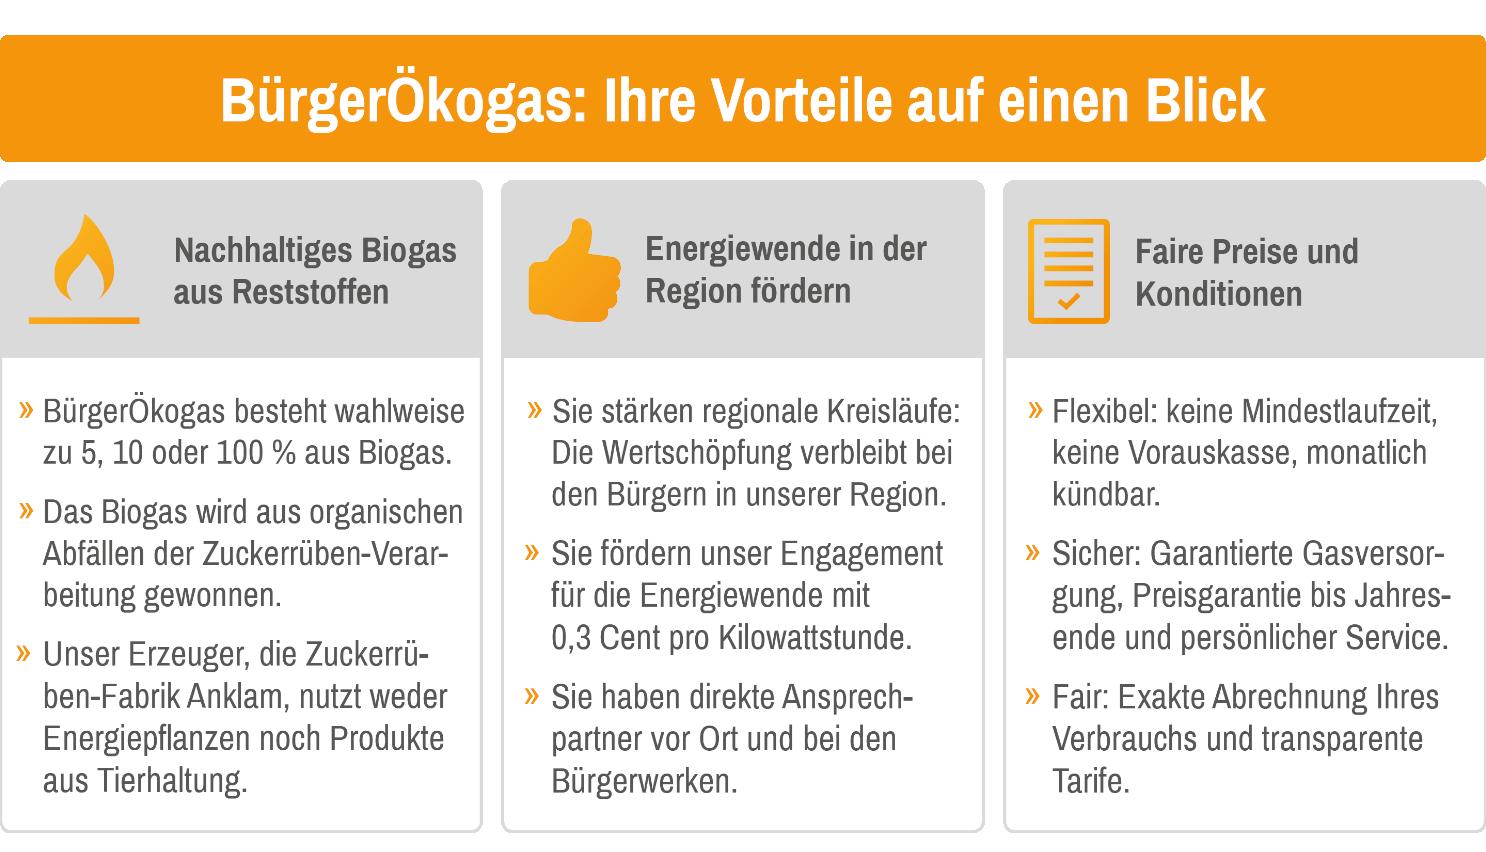 BürgerÖkogas: Ihre Vorteile auf einen Blick.